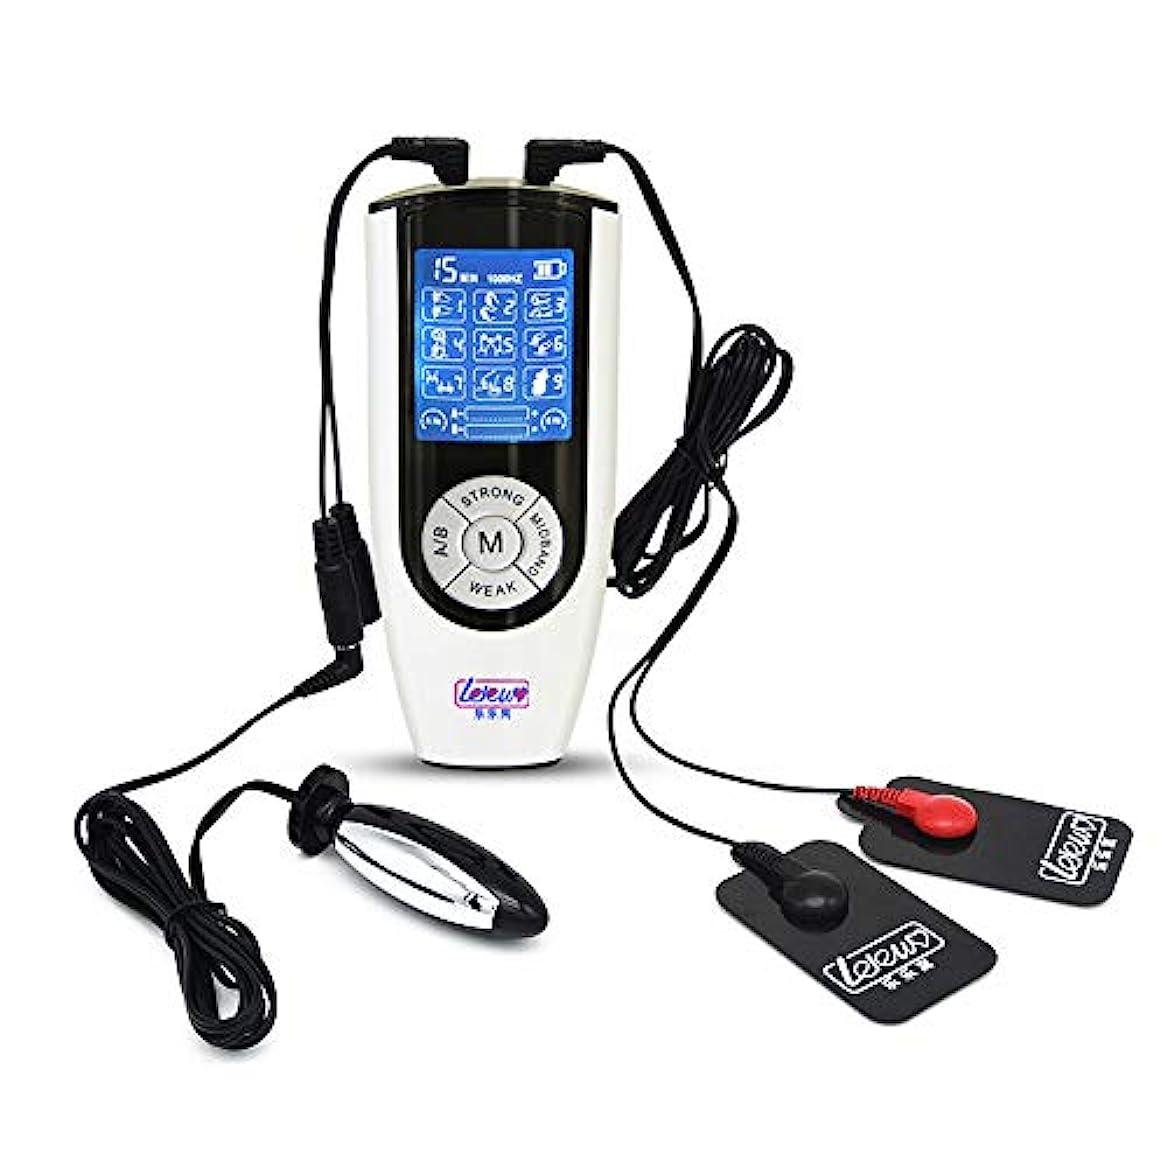 コイル消費ホットマルチスピード電動マッサージ器、全身の痛みを軽減する電気エキスパンダー後期拡大パッド